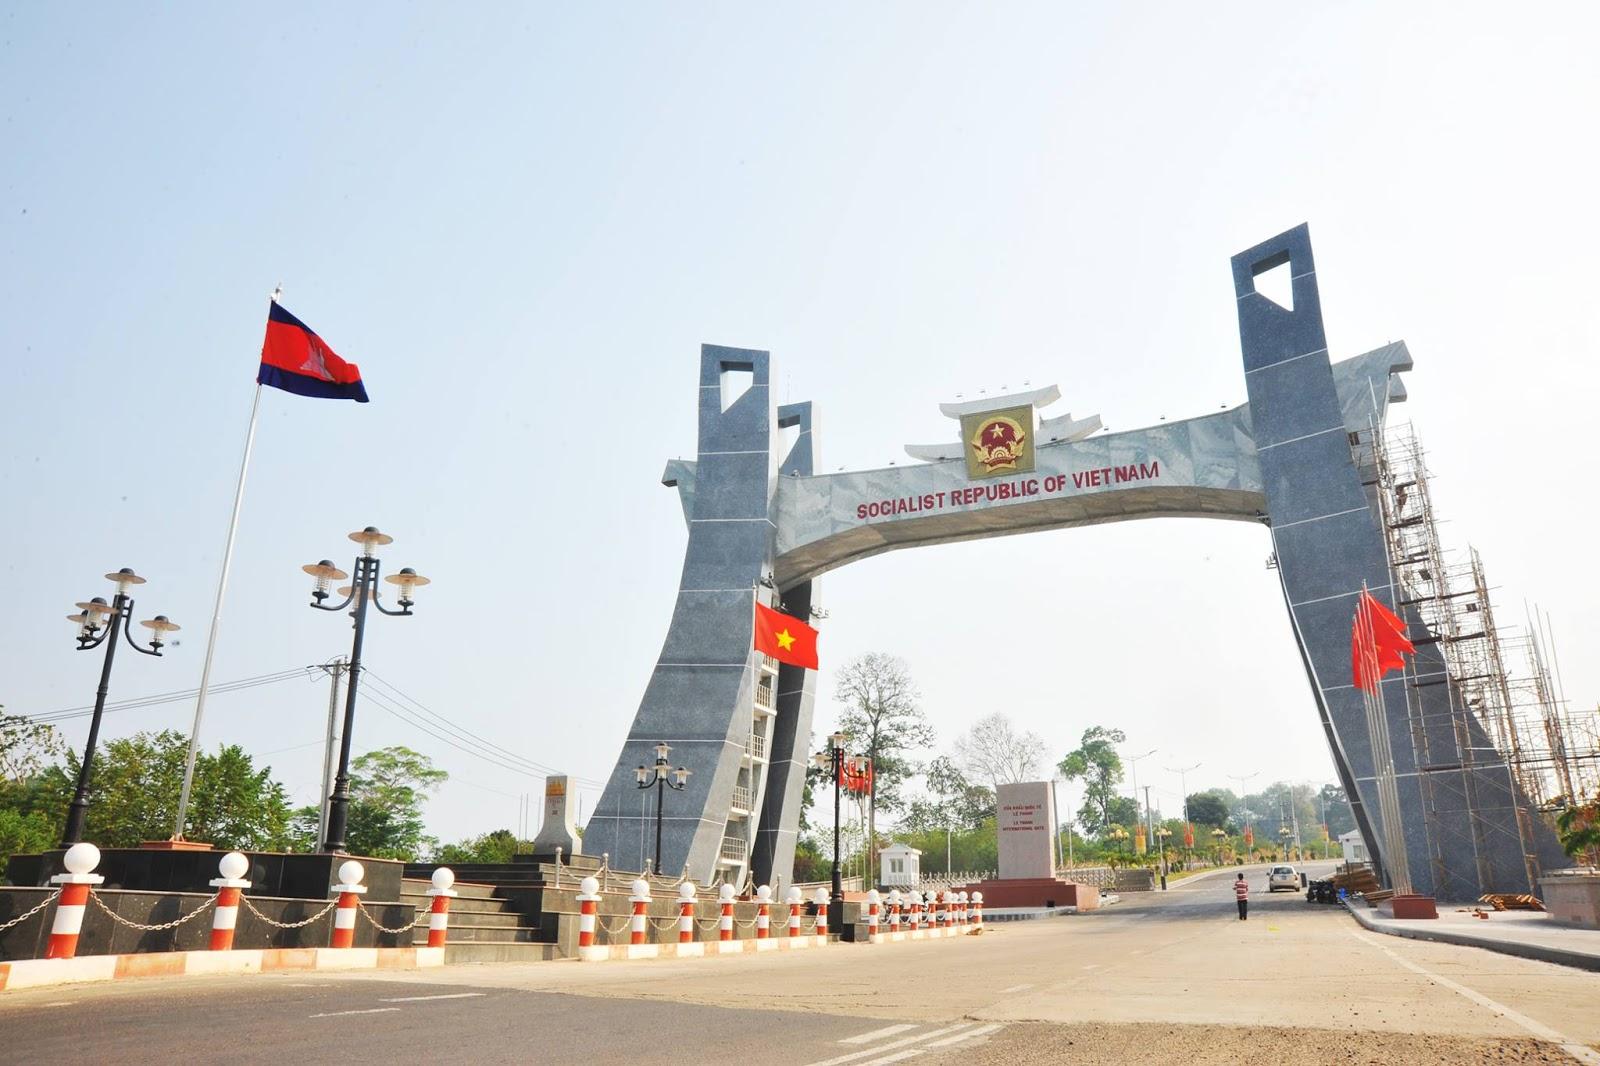 """Quốc môn Cửa khẩu Quốc tế Lệ Thanh khánh thành, điểm check-in lý tưởng """"phải đi"""" ở Gia Lai"""